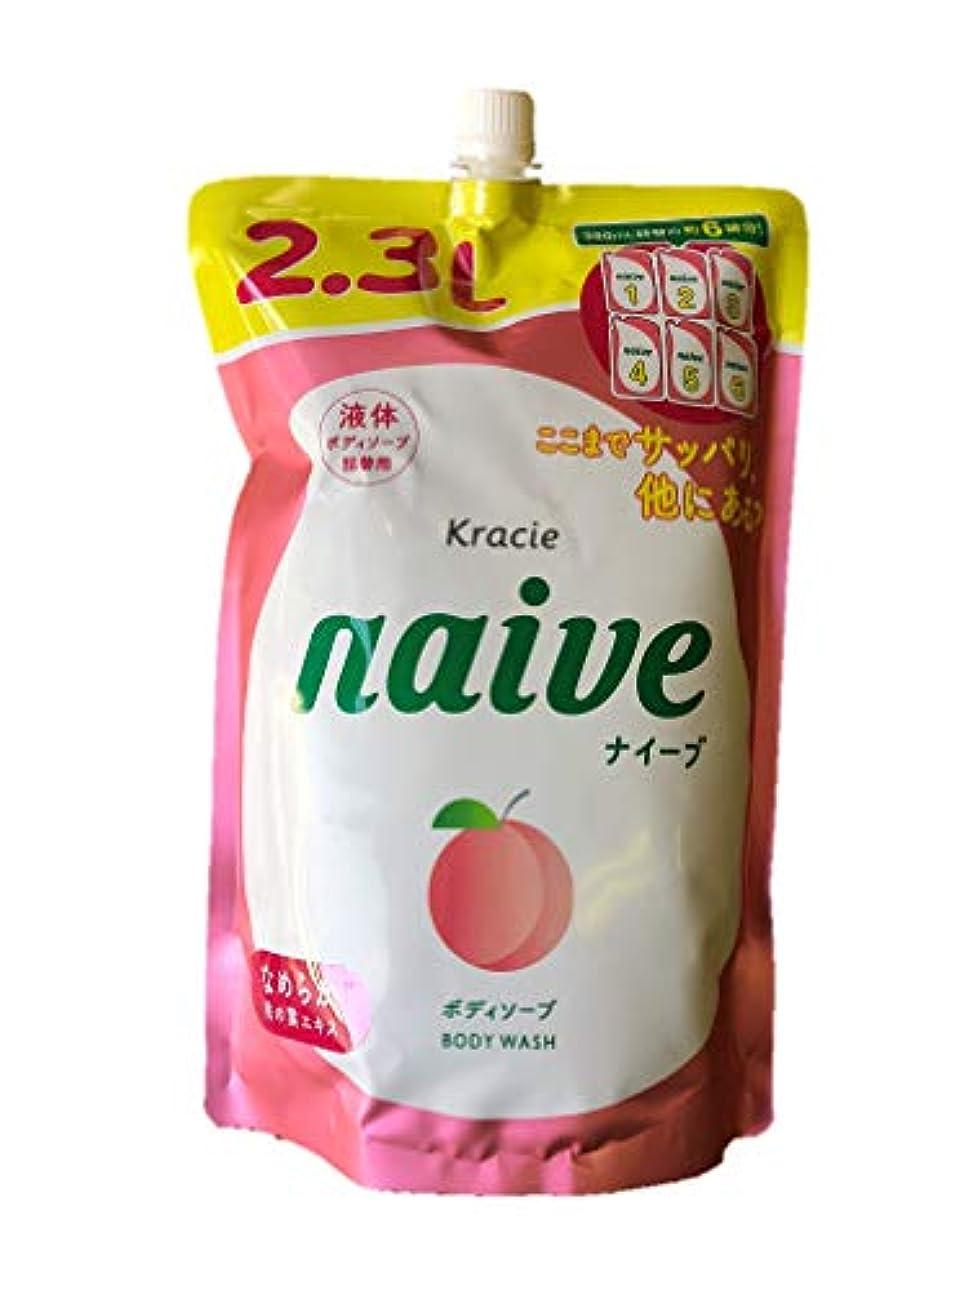 ブロック豊富なアンカー【大容量2.3L】ナイーブ 植物性ボディーソープ 自然でやさしい桃の香り 2300ml